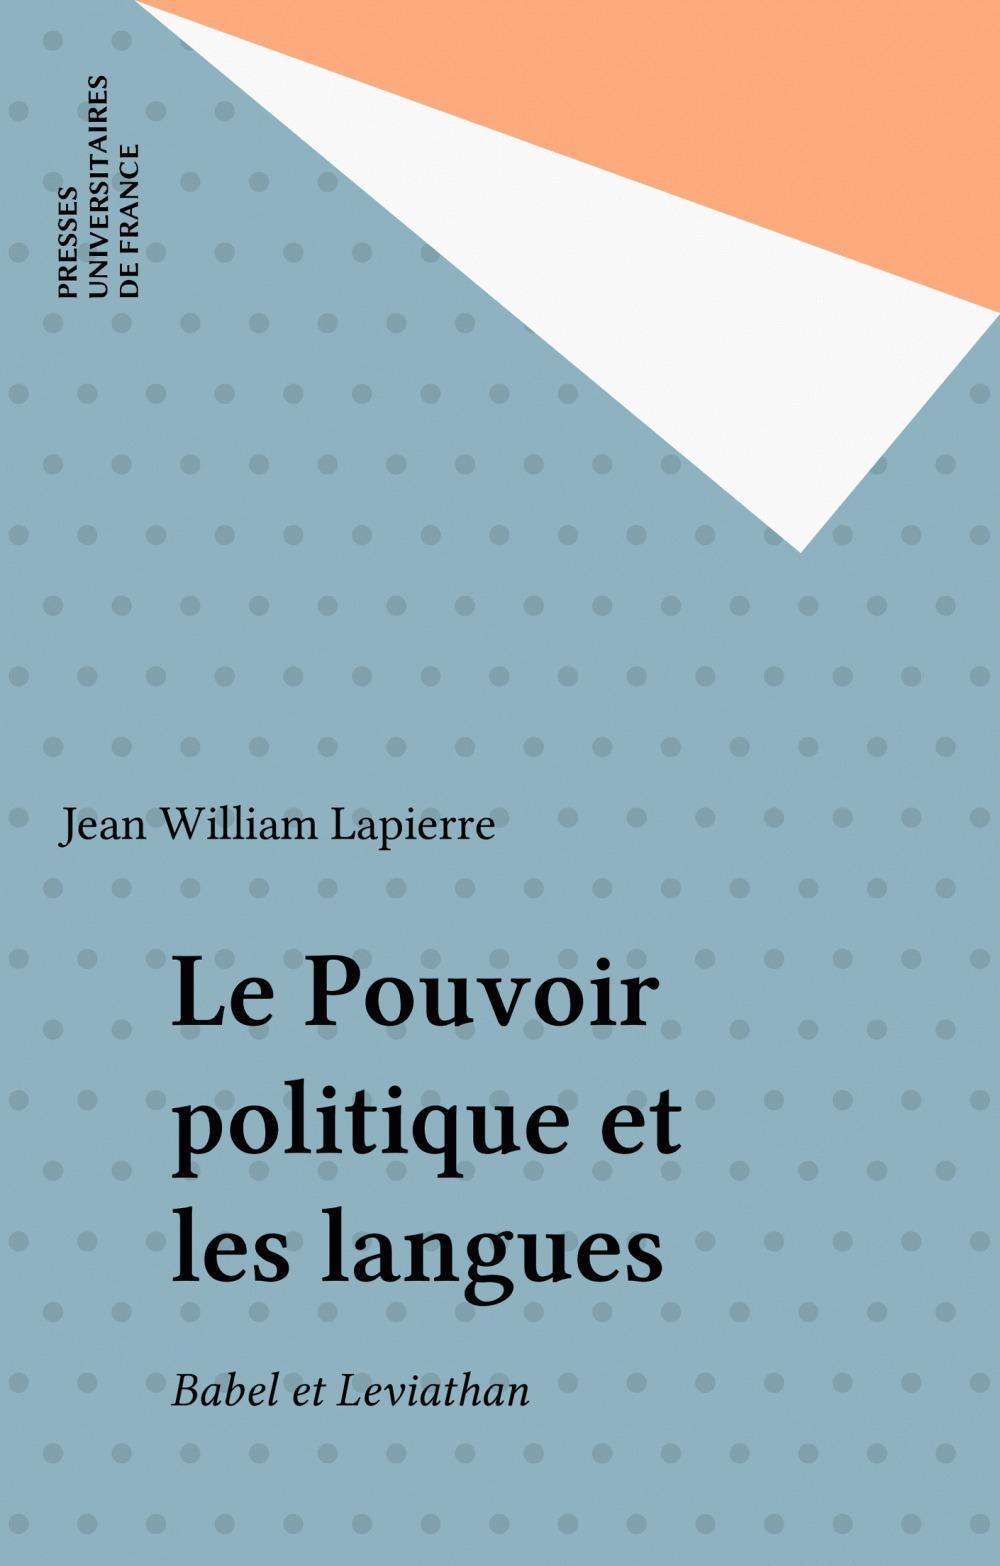 Jean William Lapierre Le Pouvoir politique et les langues